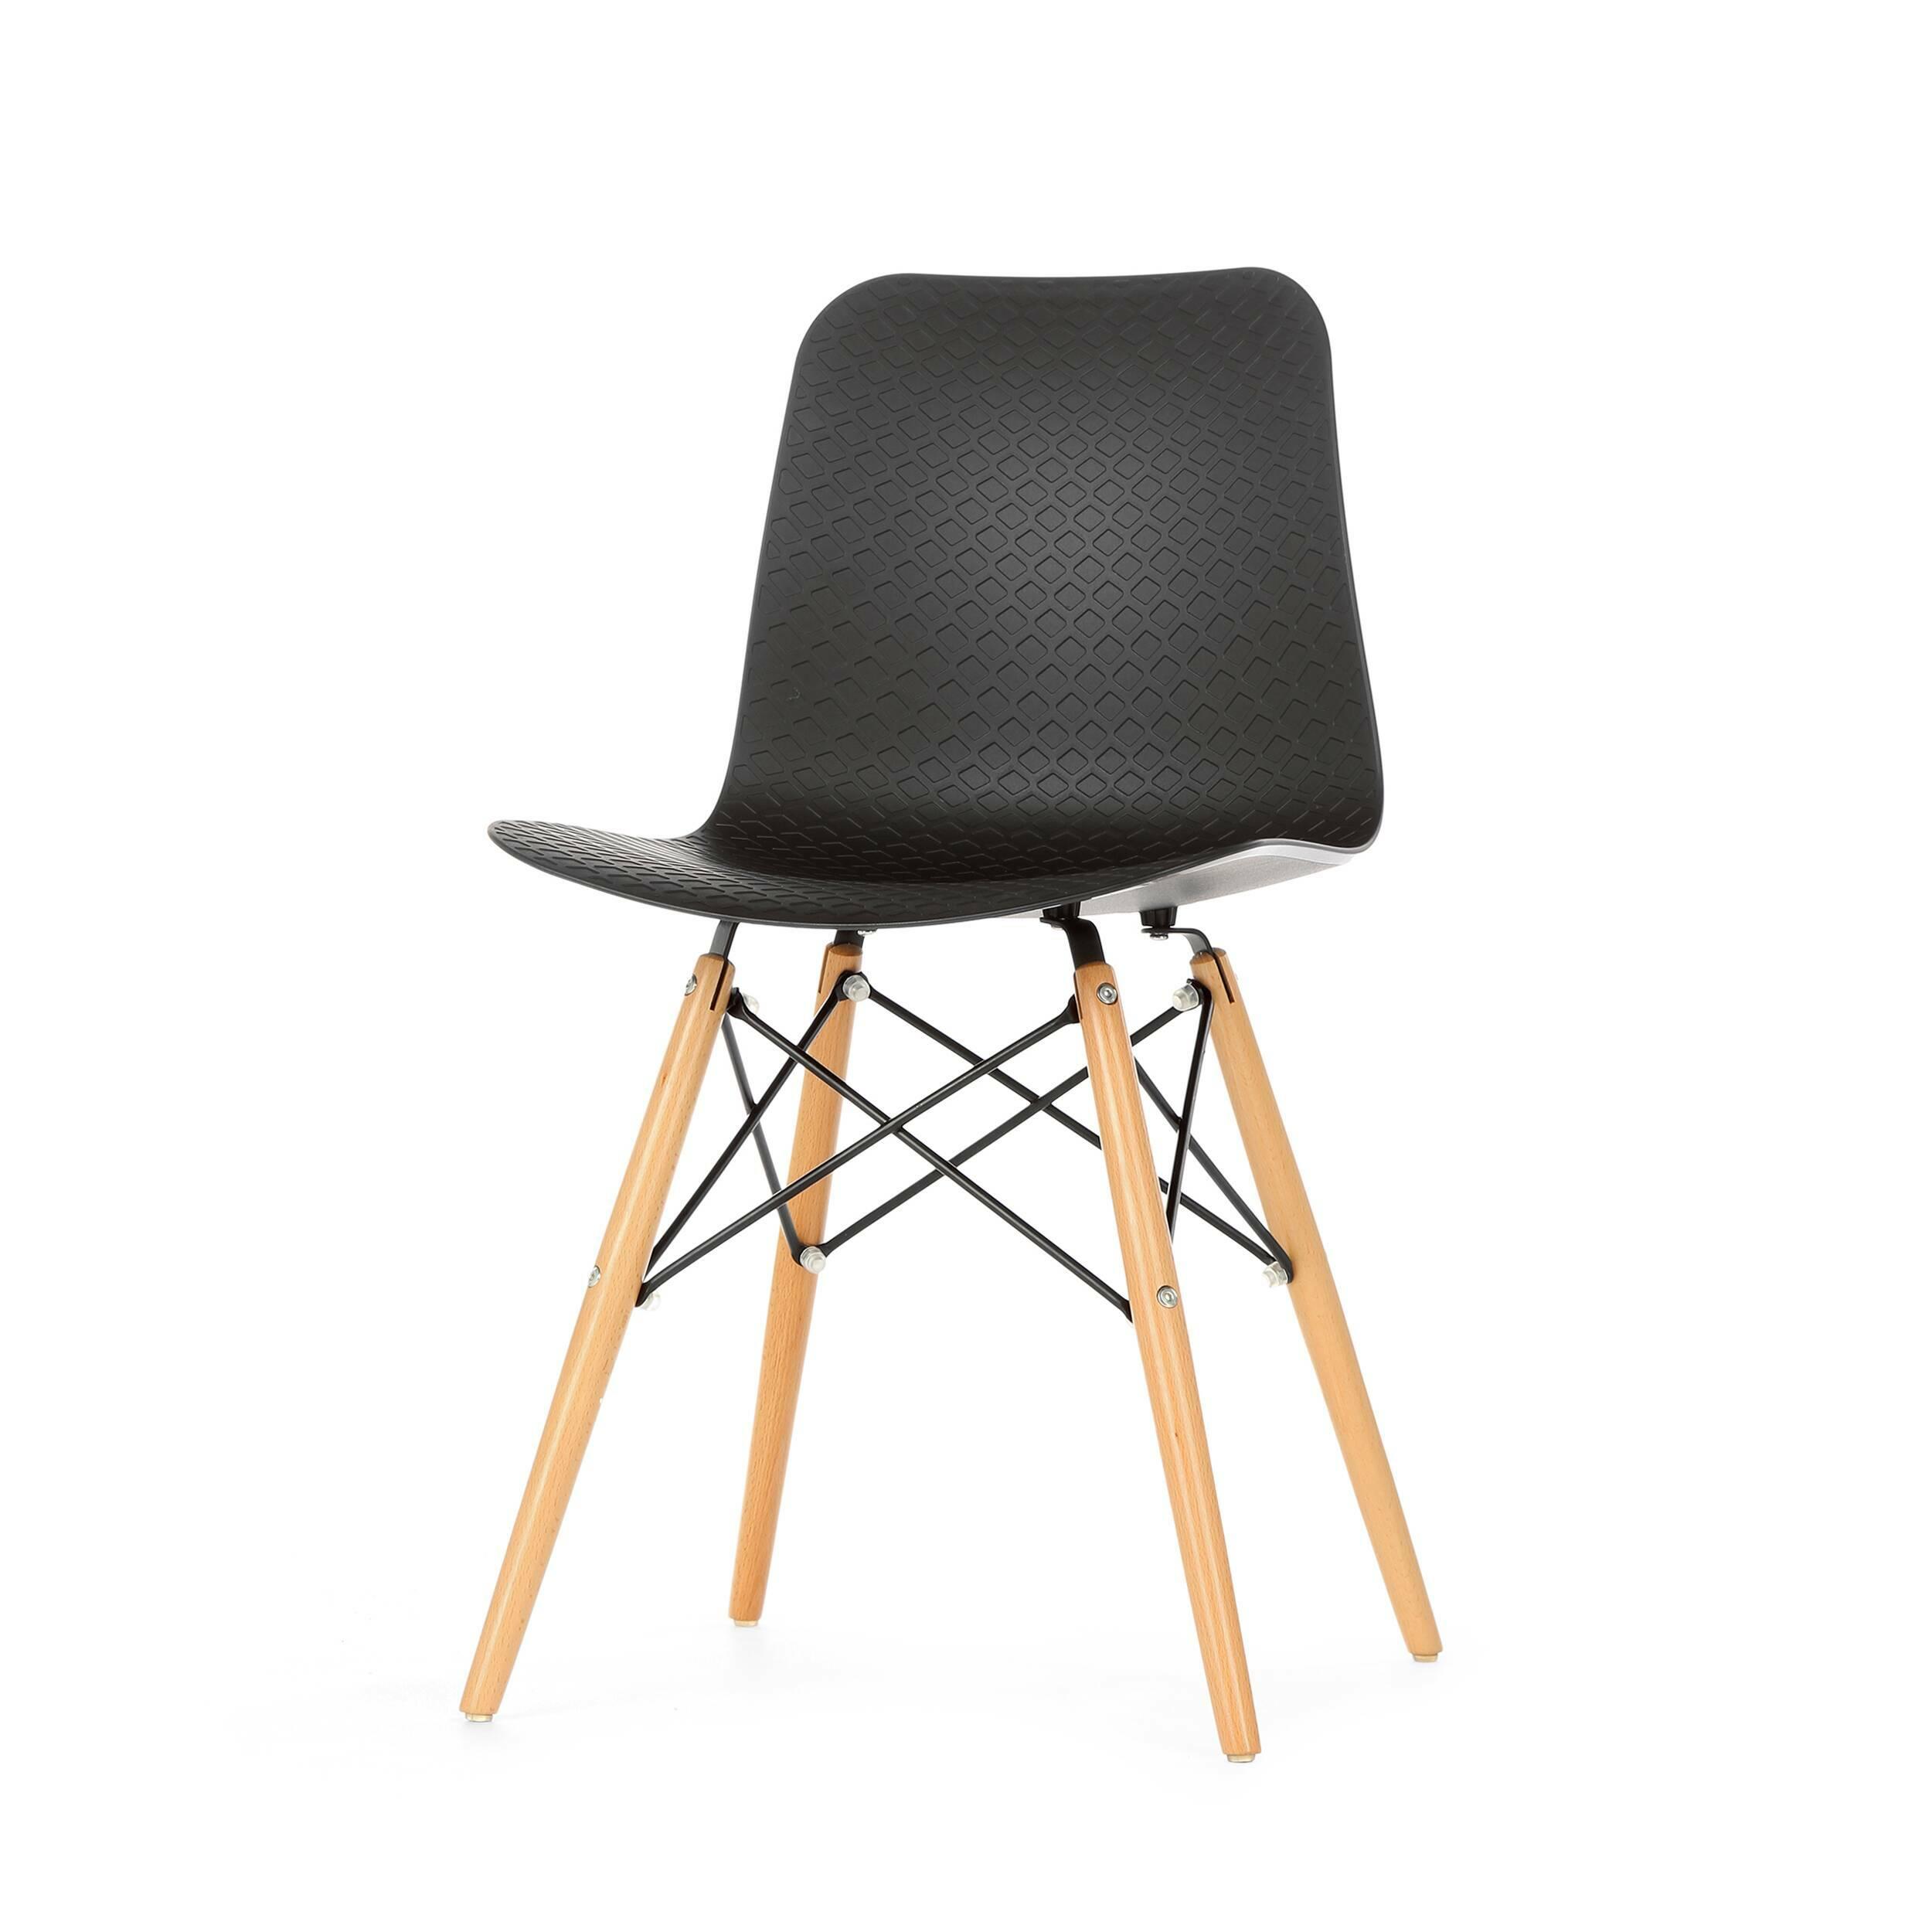 Стул GlideИнтерьерные<br>Дизайнерский пластиковый стул Glide (Глайд) на деревянных ножках из бука от Cosmo (Космо).<br>Стул Glide — это иконический дизайн с парой новых штрихов. Ножки стула Glide выполнены по одному из легендарных проектов интерьерного дизайна, который появился еще в середине прошлого столетия. Эта необычная конструкция изготовлена из натуральной древесины бука и металлических спиц, которые в свою очередь делают его не только стильным, но и устойчивым. <br> <br> Если вы еще не определились с тем, куда пост...<br><br>stock: 28<br>Высота: 82<br>Высота спинки: 45<br>Ширина: 45.5<br>Глубина: 49<br>Цвет ножек: Светло-коричневый<br>Материал ножек: Массив бука<br>Тип материала каркаса: Сталь<br>Цвет сидения: Черный<br>Тип материала сидения: Пластик<br>Тип материала ножек: Дерево<br>Цвет каркаса: Черный